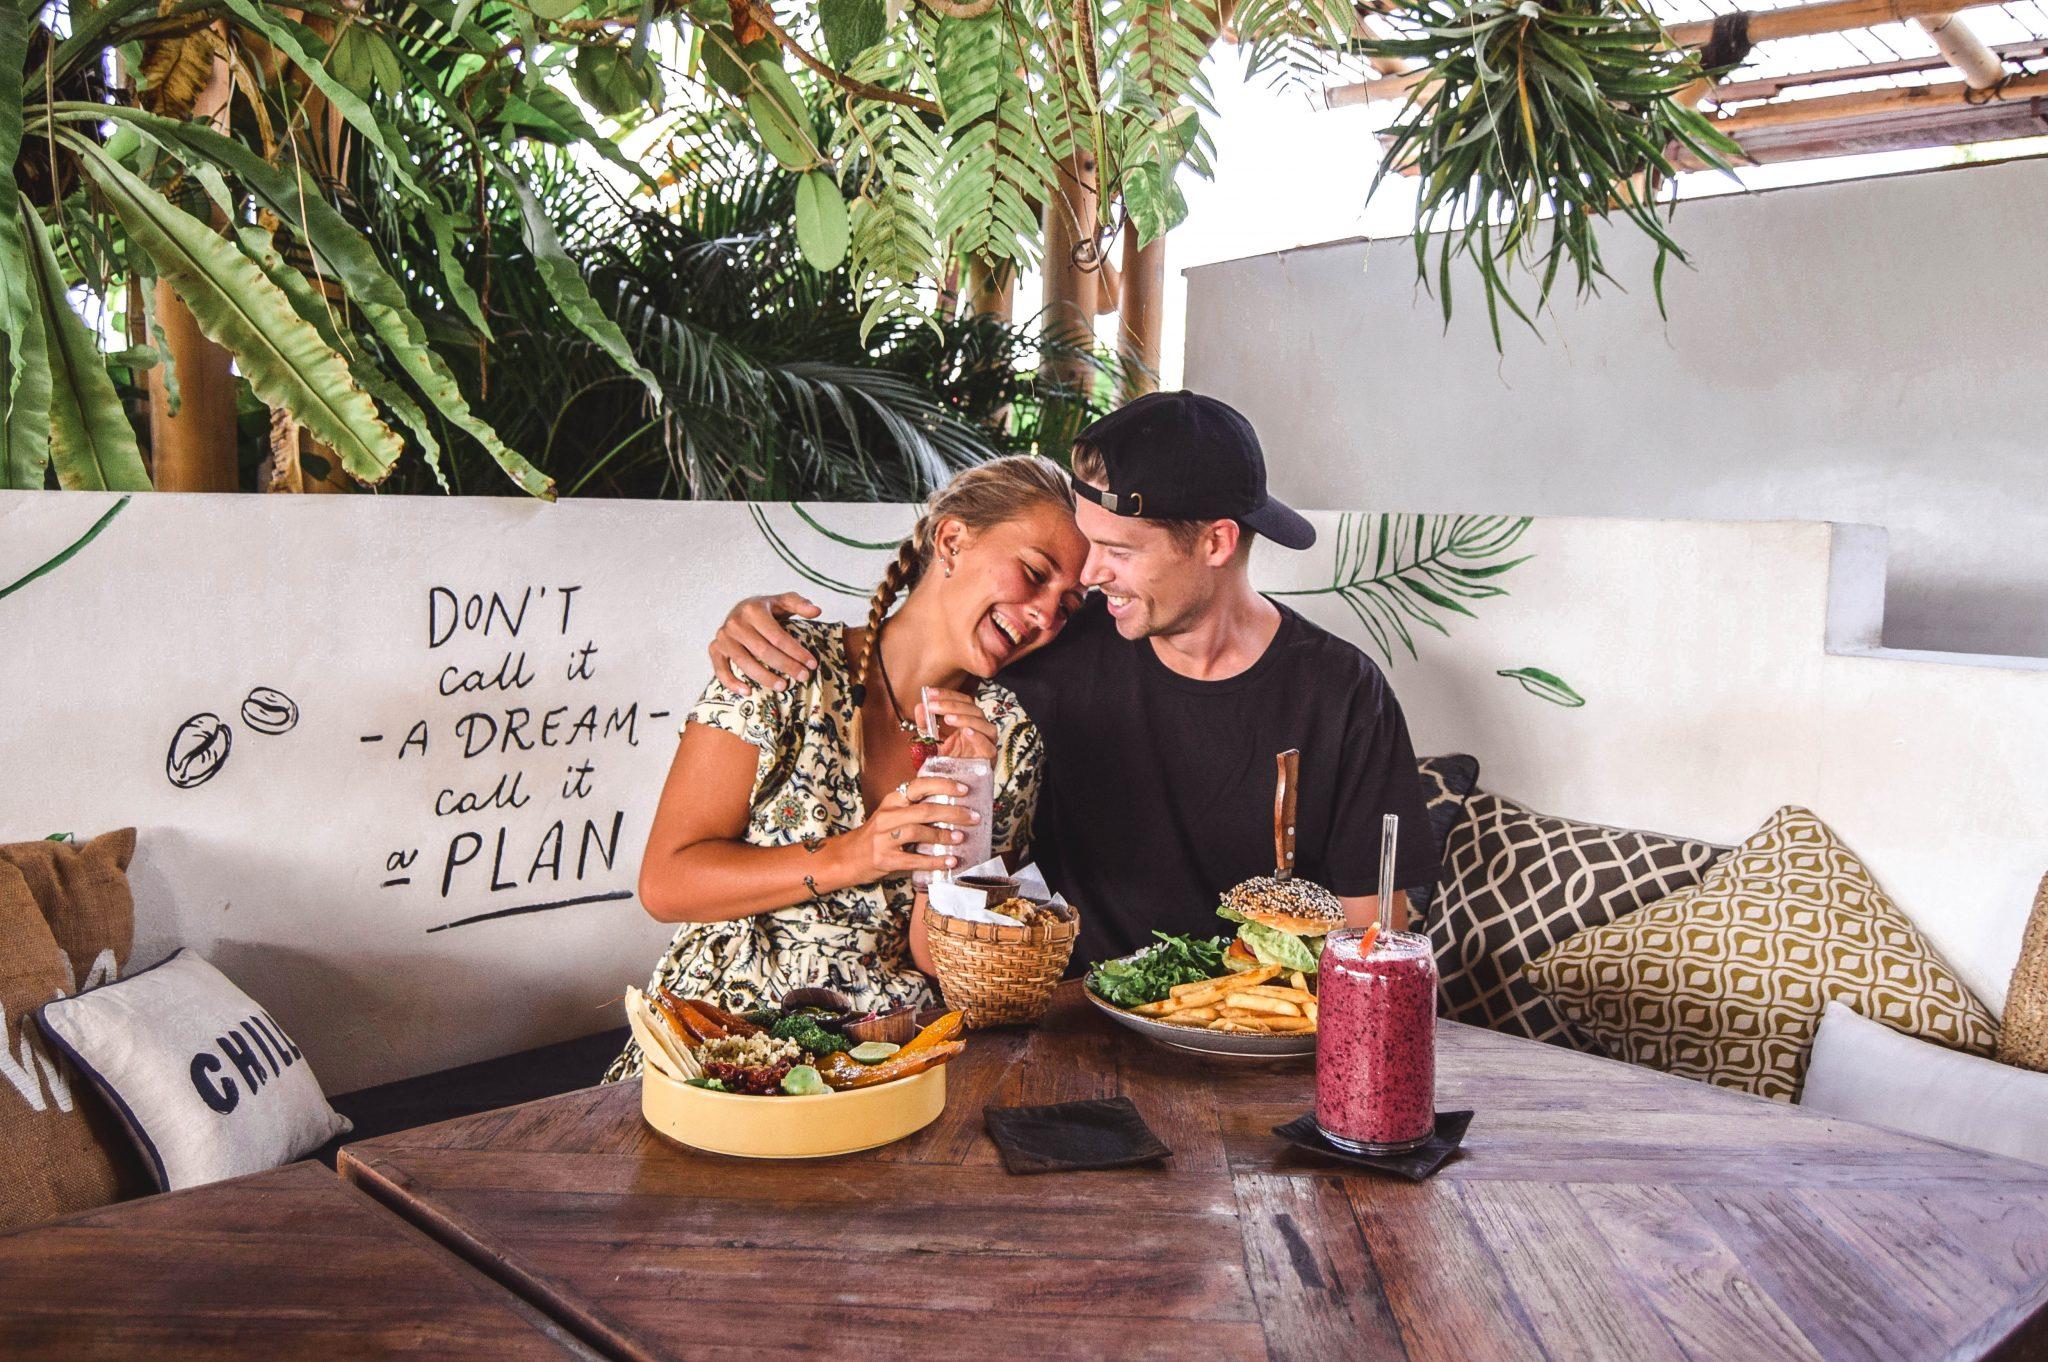 Wanderers & Warriors - Charlie & Lauren UK Travel Couple - Shelter Seminyak Bali - Best Restaurants In Bali Restaurants - Best Restaurants In Seminyak - Smoothie Bowls Bali